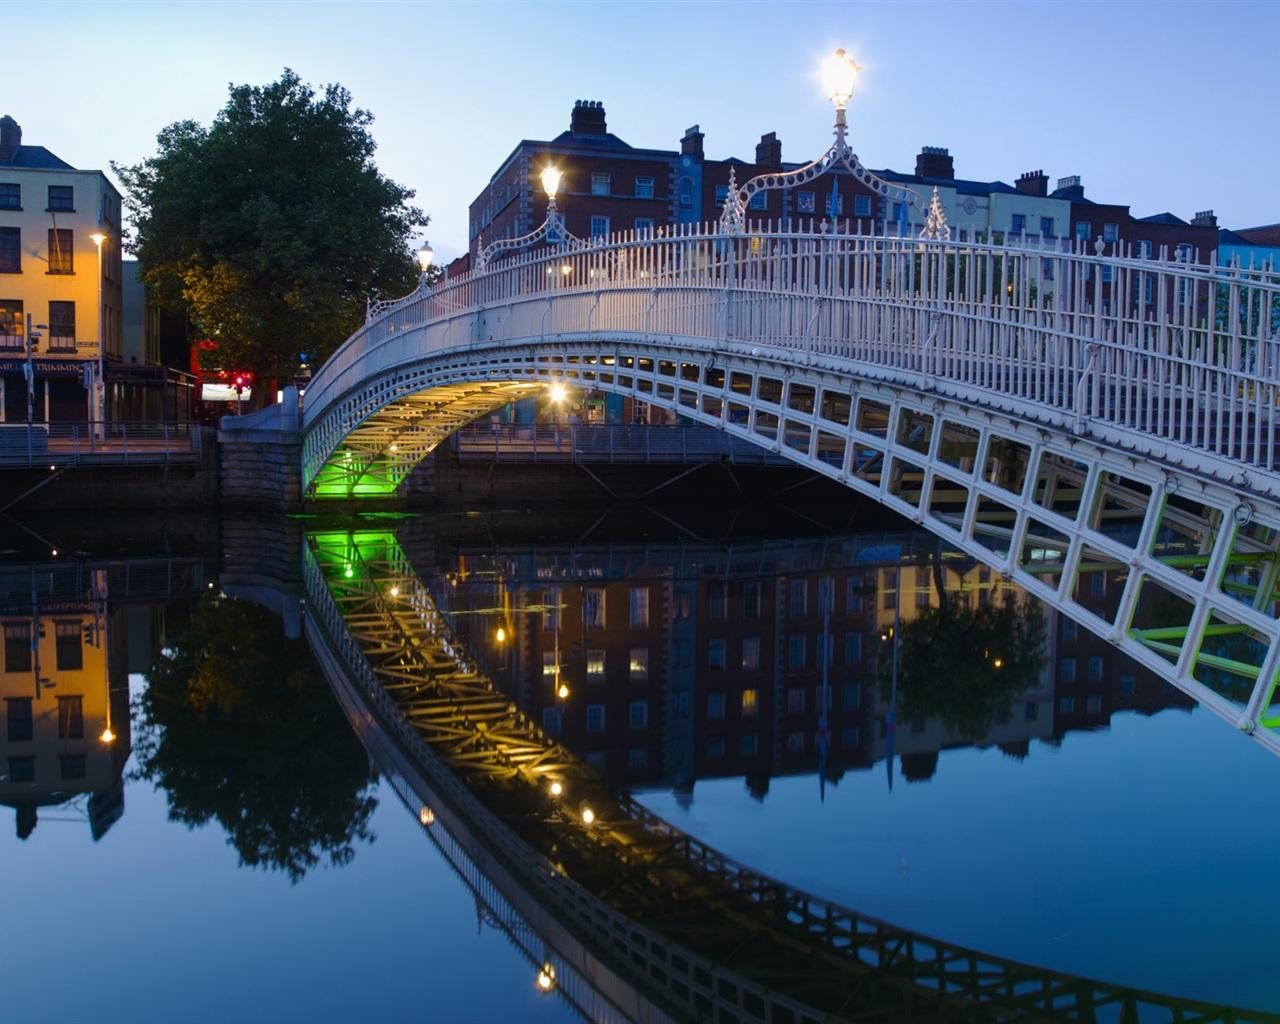 http://3.bp.blogspot.com/-LWSoc9l-gOs/Tf3X-sGBSDI/AAAAAAAAGPg/SdL4z9WedUI/s1600/Halfpenny-bridge-Dublin-Ireland_1280x1024.jpg